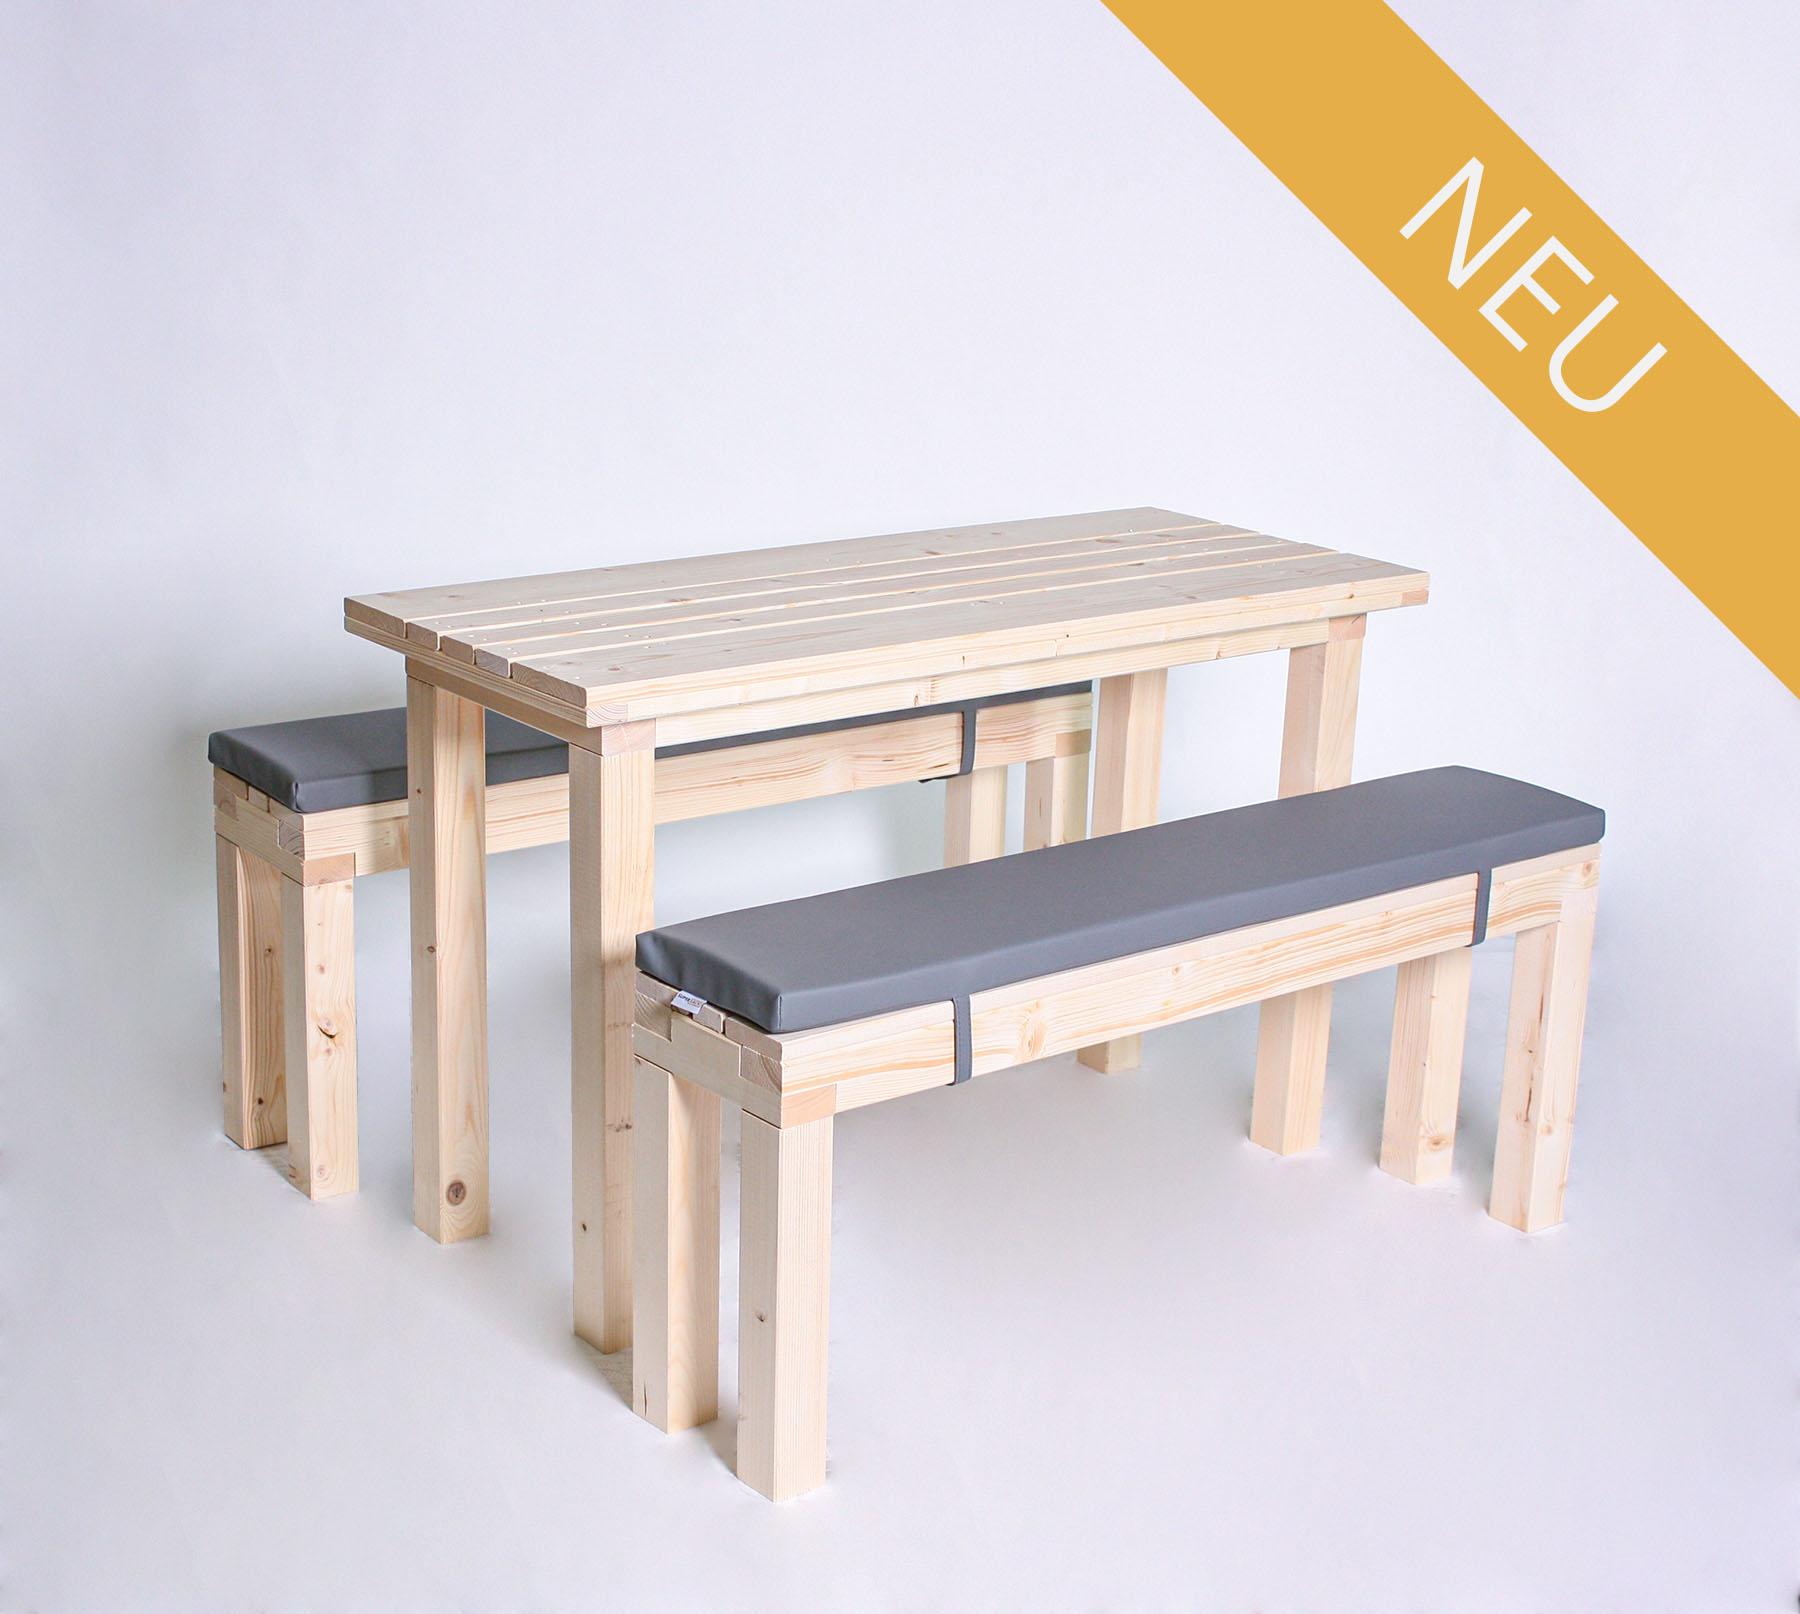 Sitzgarnitur KOMPAKT 6 Personen Tisch 120cm